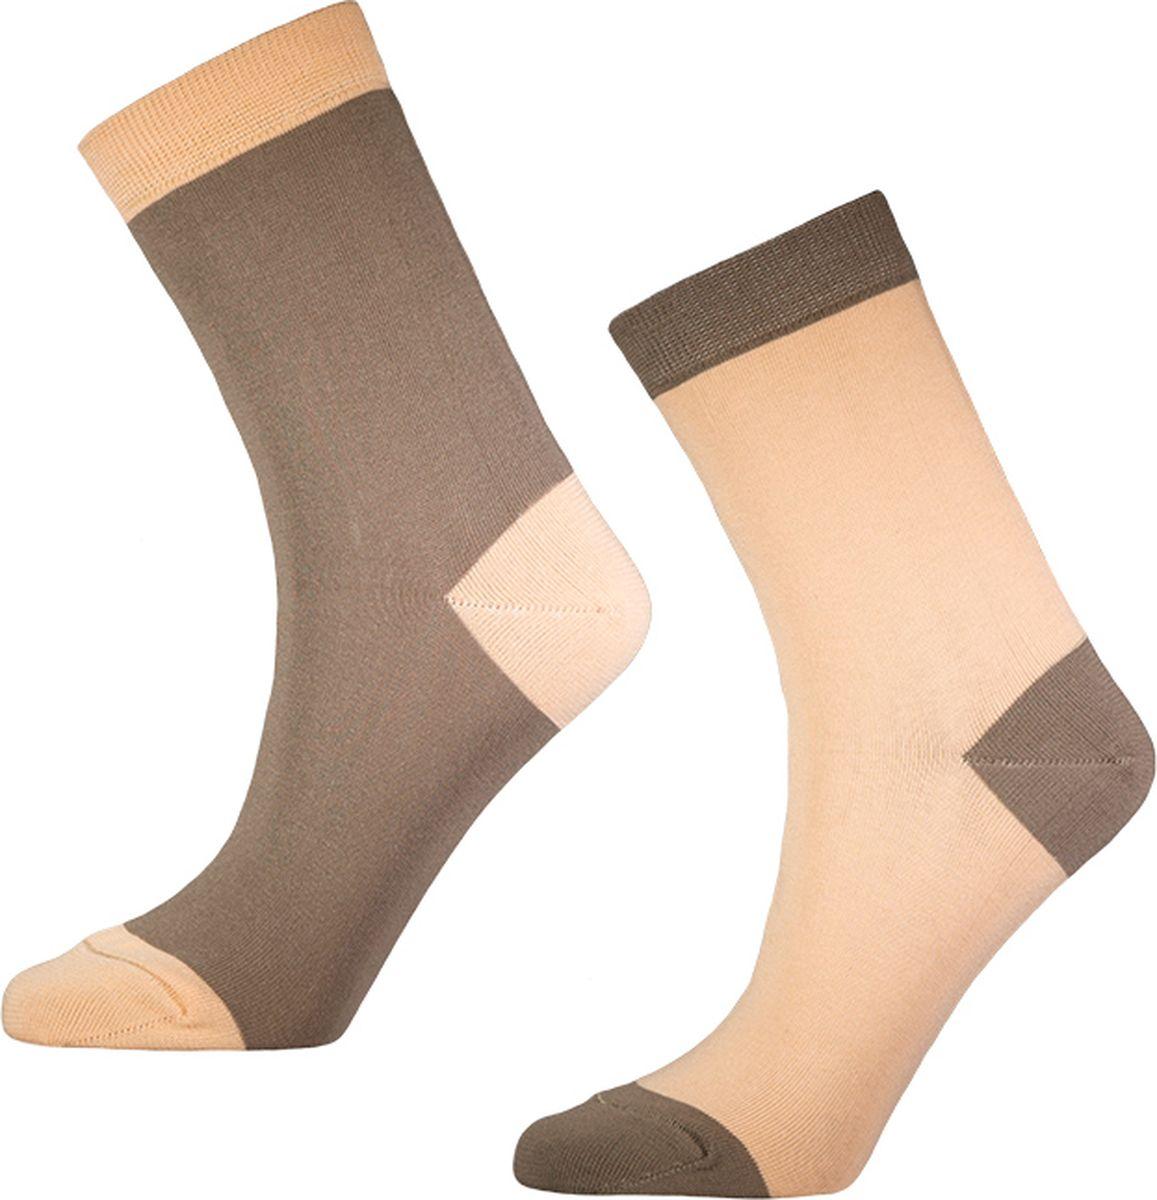 Носки мужские Big Bang Socks, цвет: персиковый, коричневый, 2 пары. d421. Размер 40/44d421Яркие носки Big Bang Socks изготовлены из высококачественного хлопка с добавлением полиамидных и эластановых волокон, которые обеспечивают великолепную посадку. Носки отличаются ярким стильным дизайном. На правом и левом носке рисунки не симметричены.Удобная резинка идеально облегает ногу и не пережимает сосуды, усиленныепятка и мысок повышают износоустойчивость носка, а удлиненный паголенокпридает более эстетичный вид. Дизайнерские носки Big Bang Socks - яркая деталь в вашем образе и оригинальныйподарок для друзей и близких.В комплекте две пары носков.